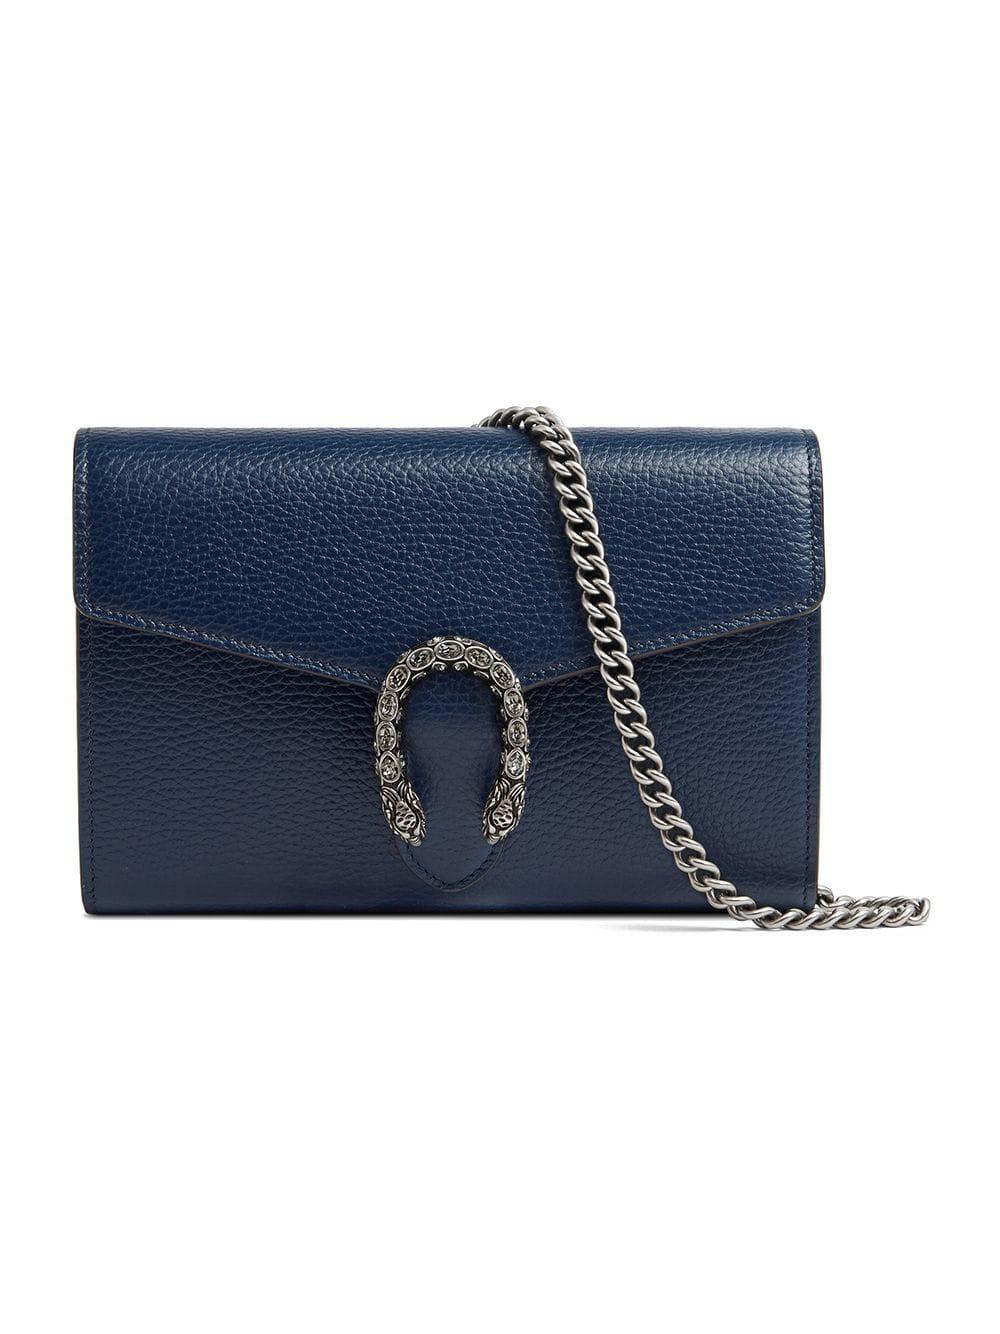 a41a7e401d8 Gucci Dionysus Leather Mini Chain Bag - Blue In 8204 Blue. Farfetch